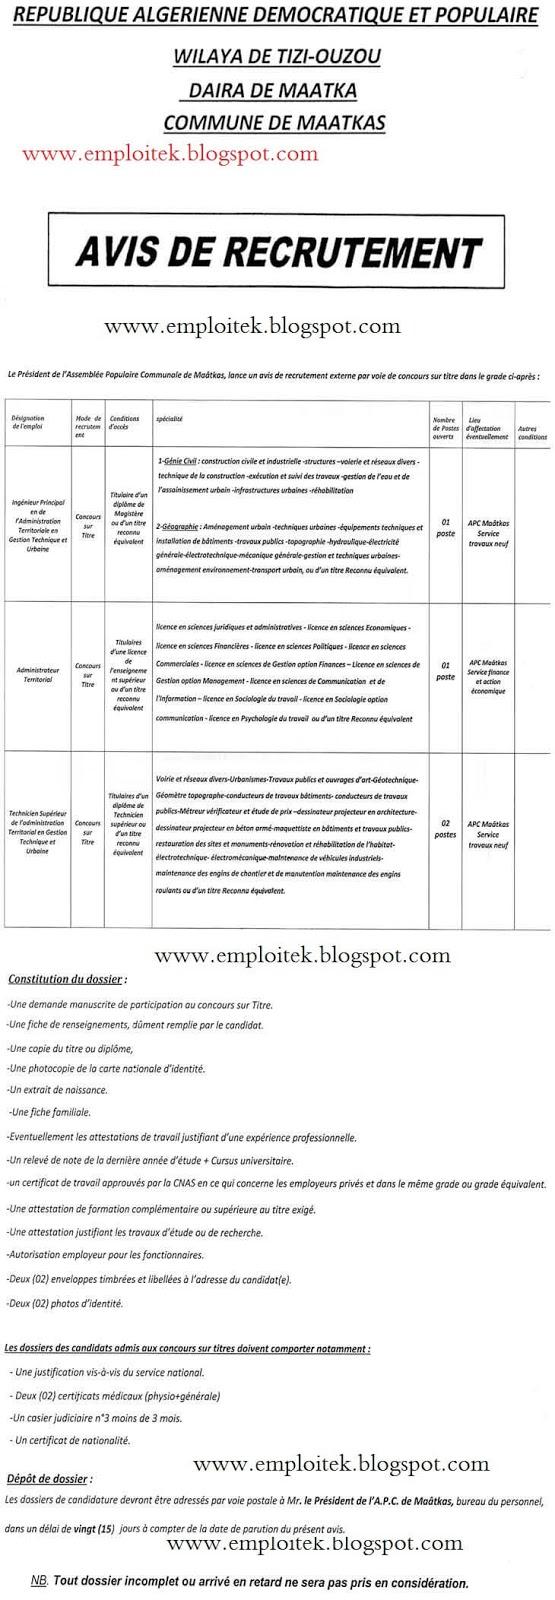 إعلان مسابقة توظيف ببلدية معاتقة ولاية تيزي وزو – اسم الموقع